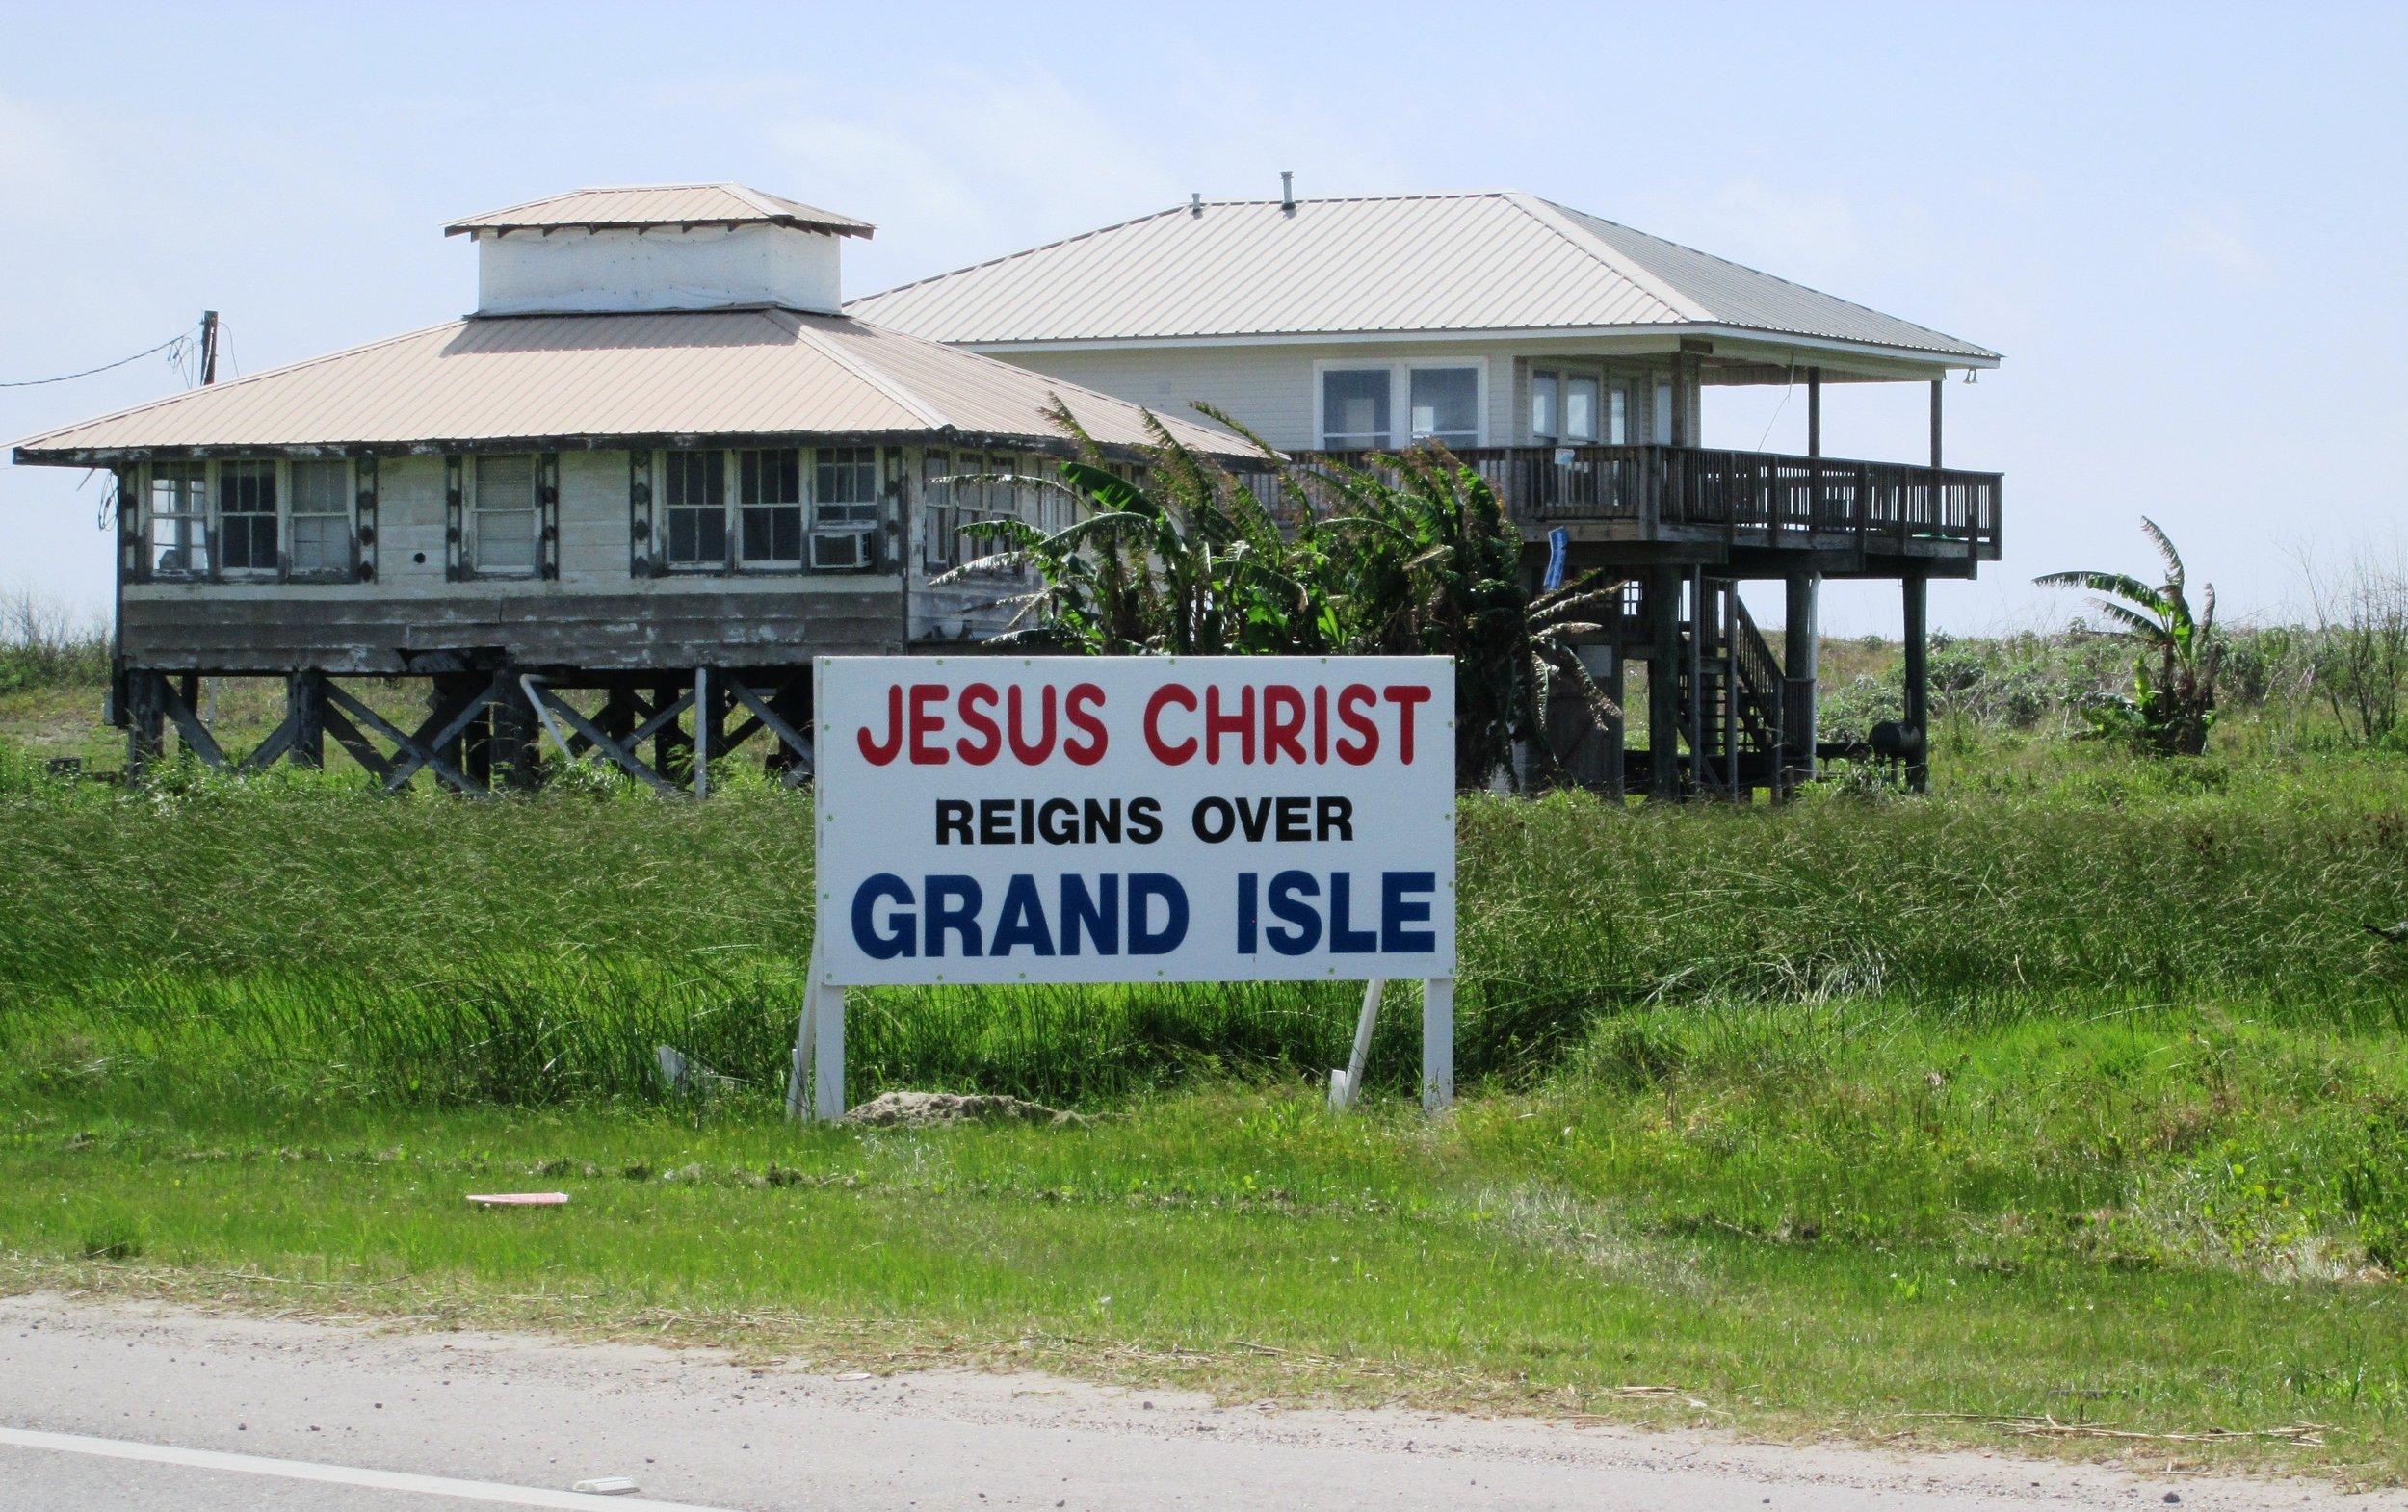 2017_05_17_Grand Isle (30).JPG